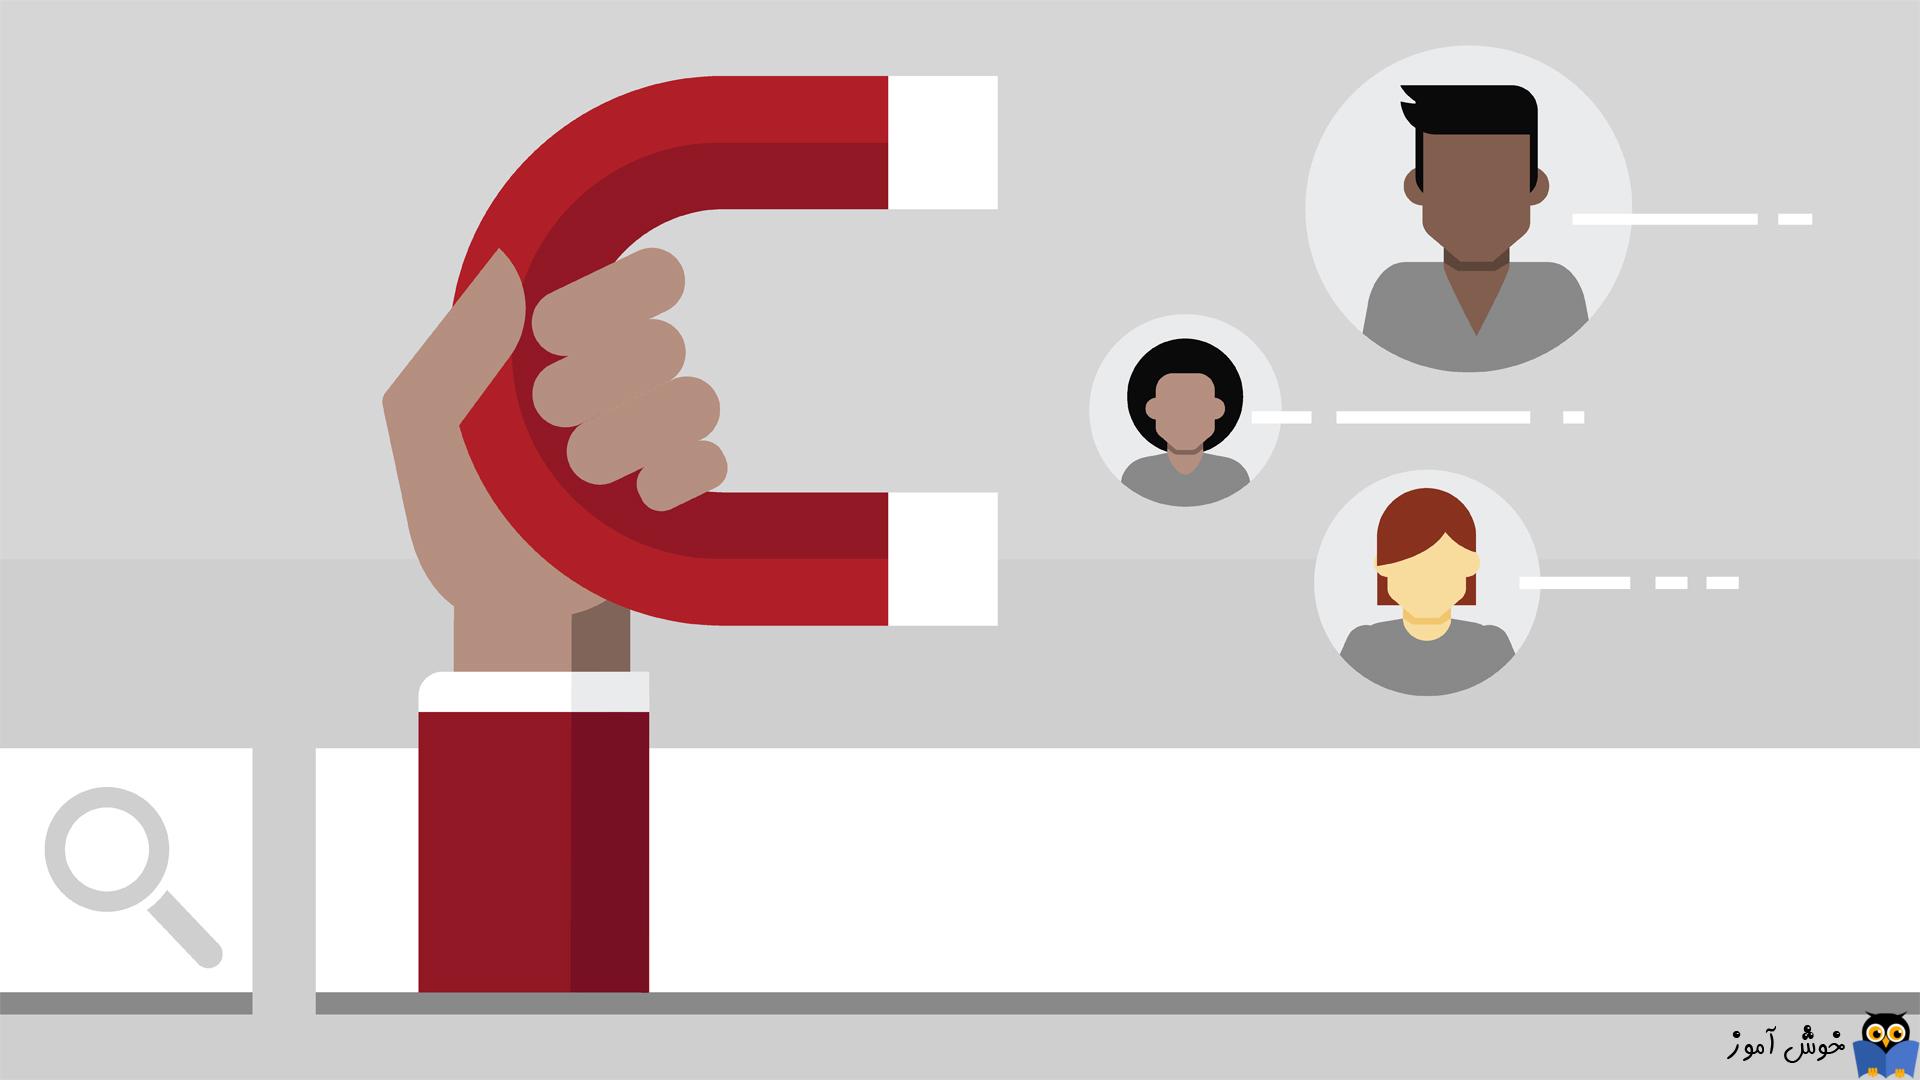 آموزش مایکروسافت CRM 2016 - آشنایی با فرم LEAD